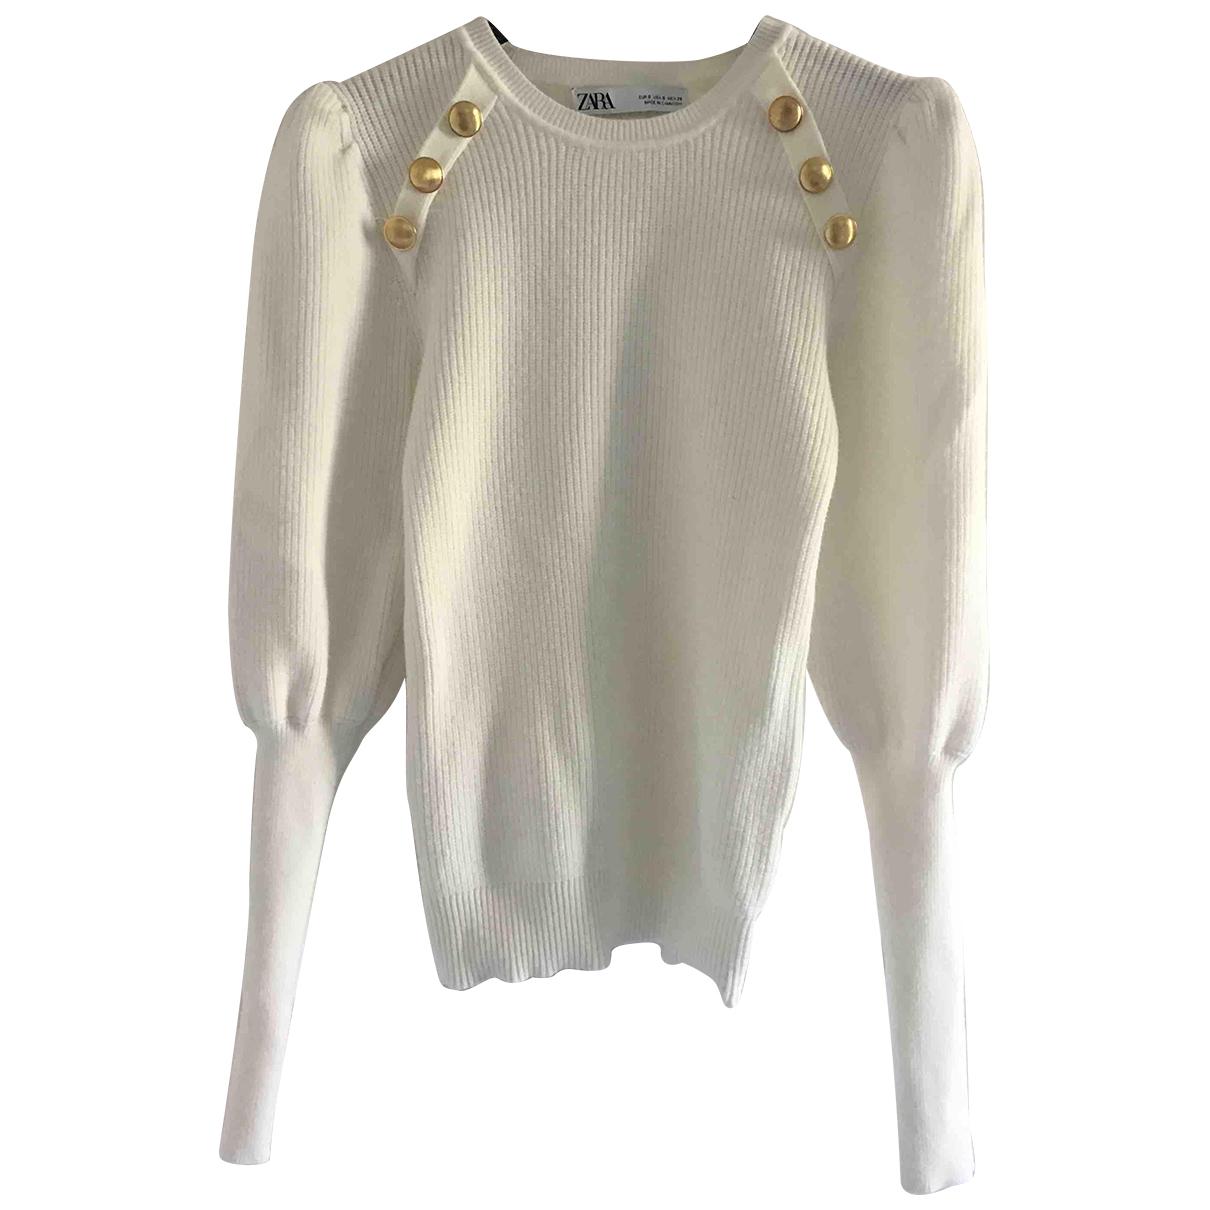 Zara N White Knitwear for Women S International